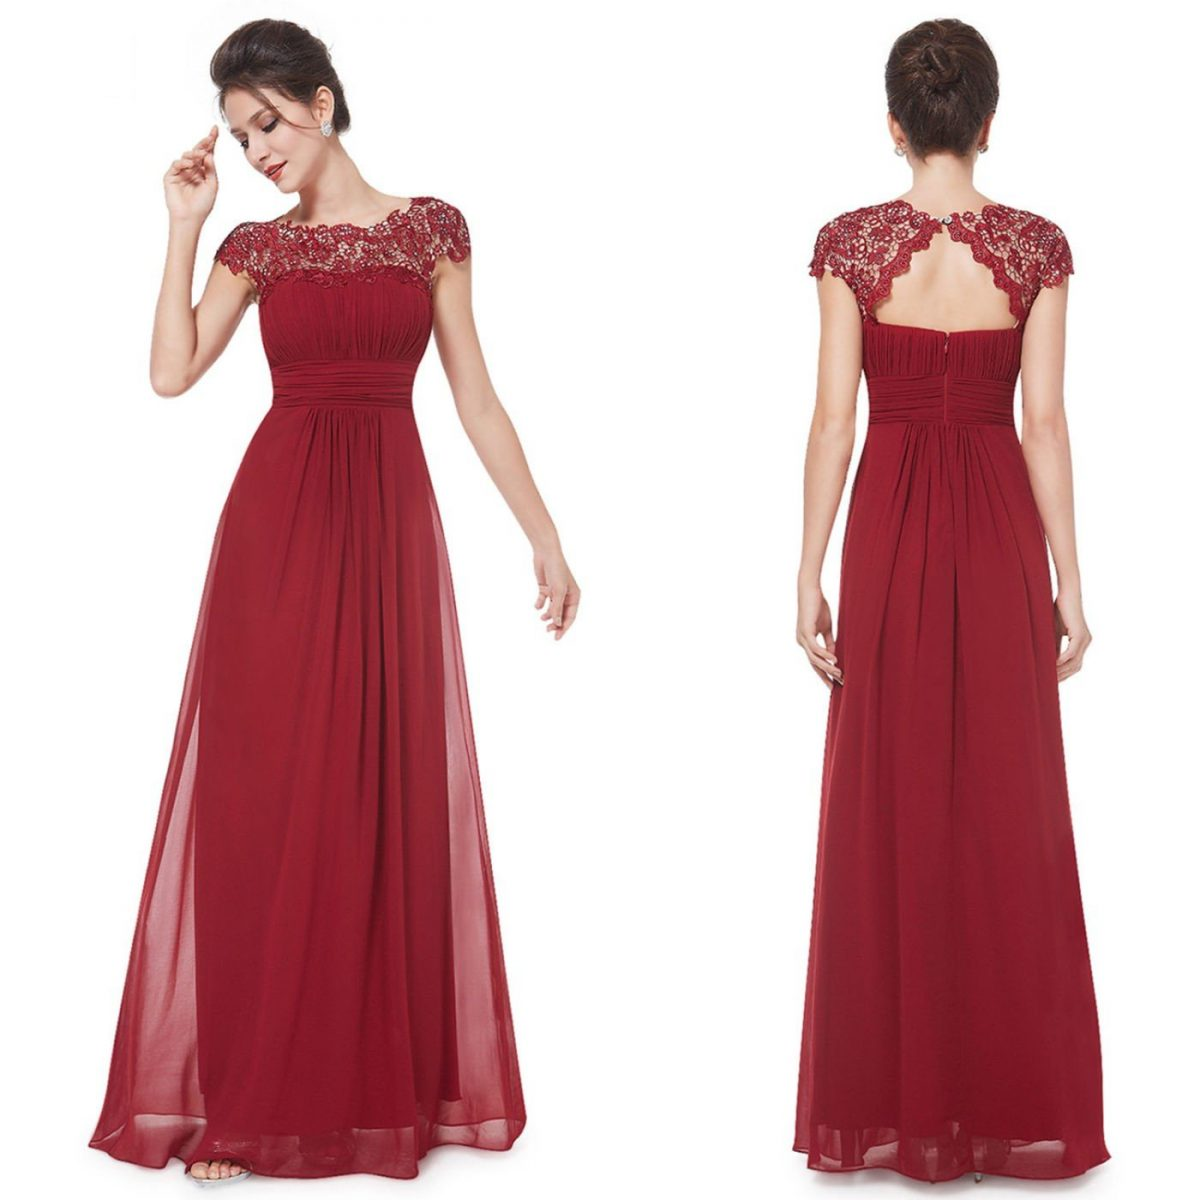 платье цветом марсала с кружевным верхом